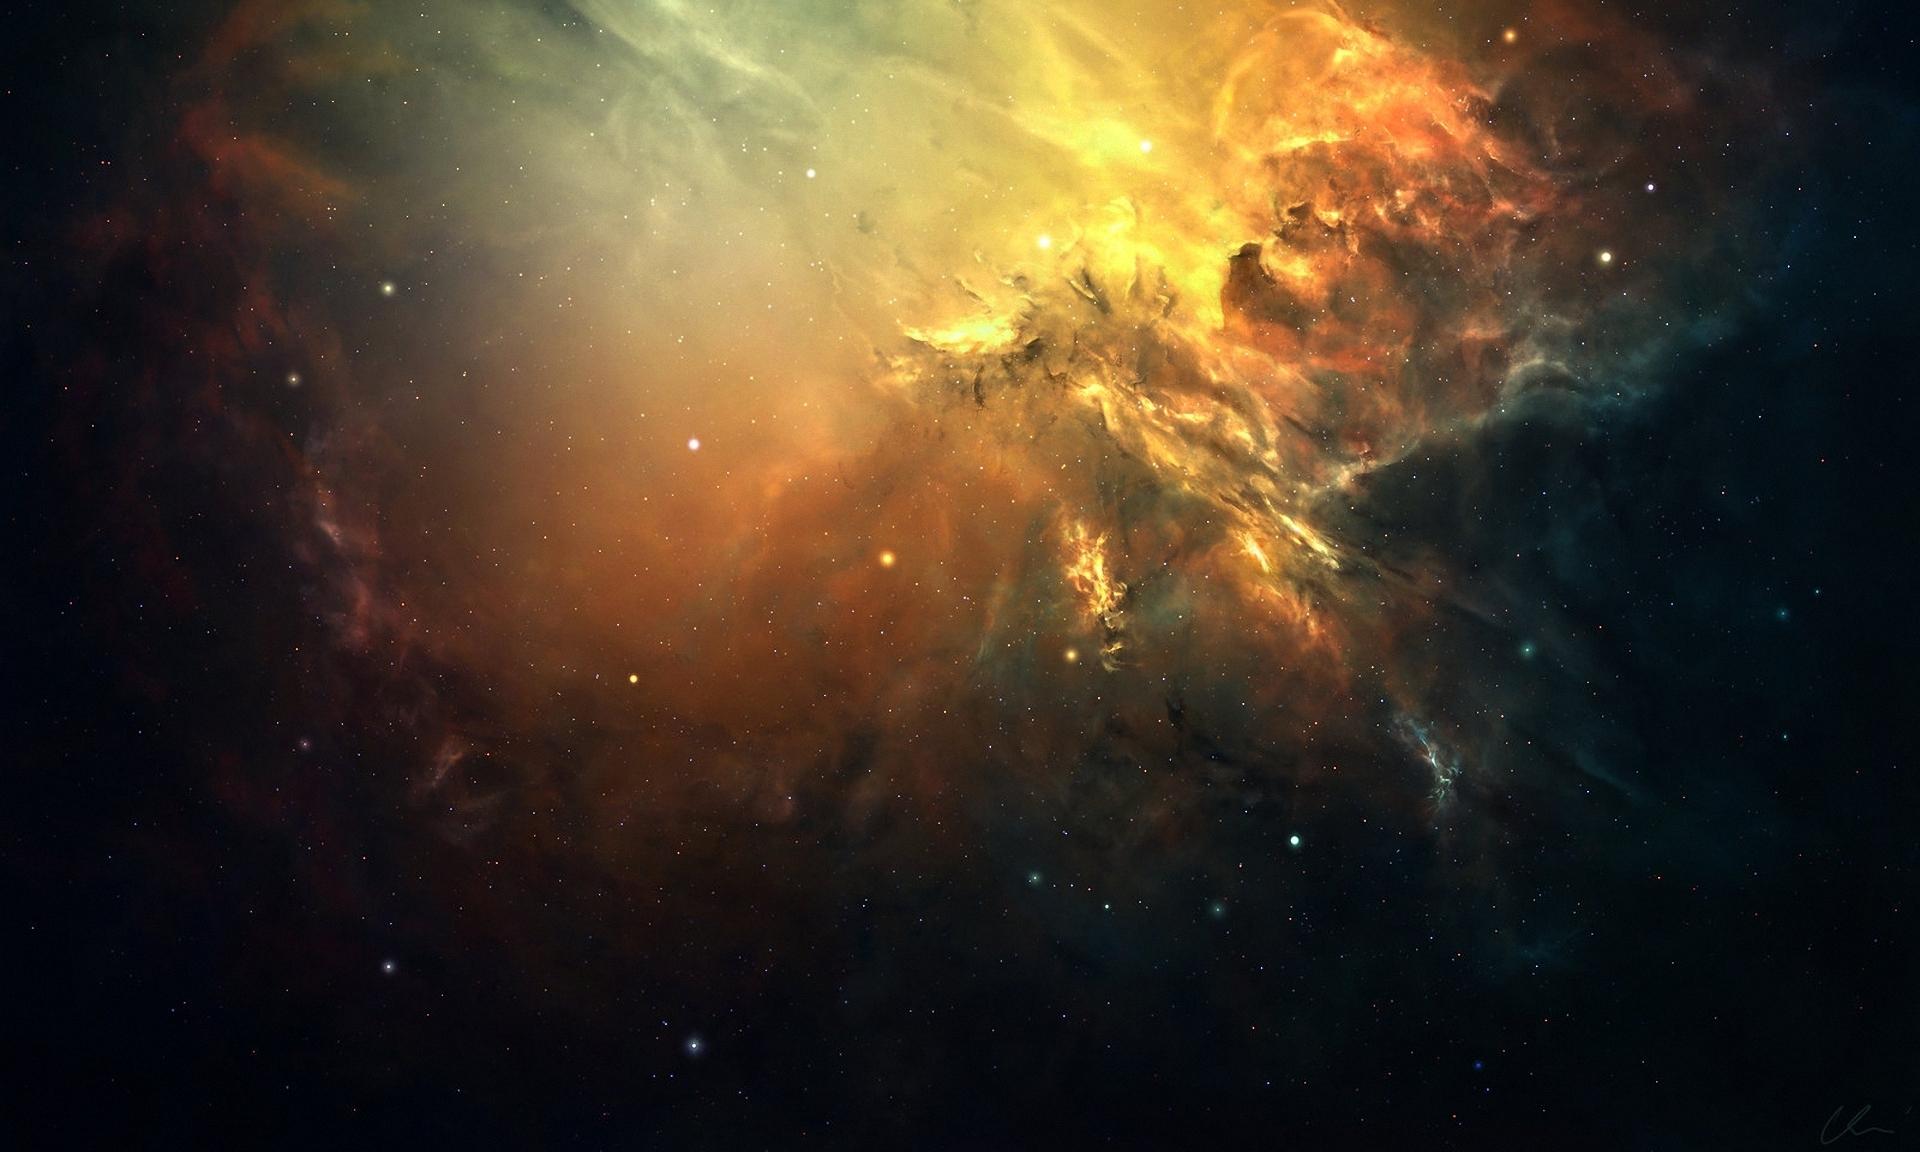 Обои космос галактика звезды картинки на рабочий стол на тему Космос - скачать скачать